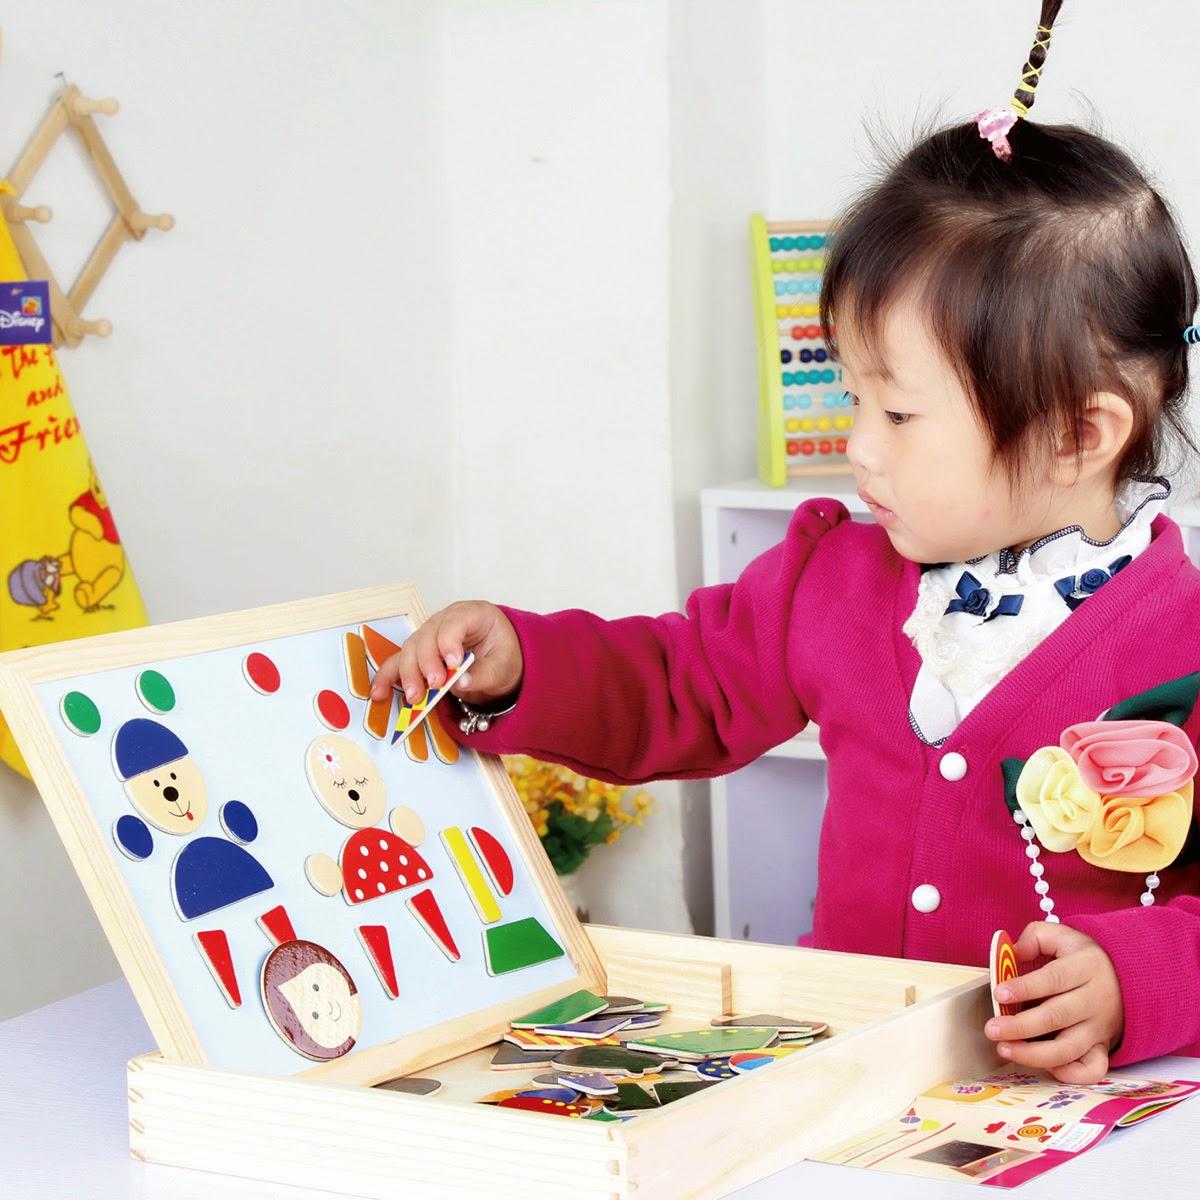 lựa chọn quà tặng phù hợp cho trẻ 2 tuổi